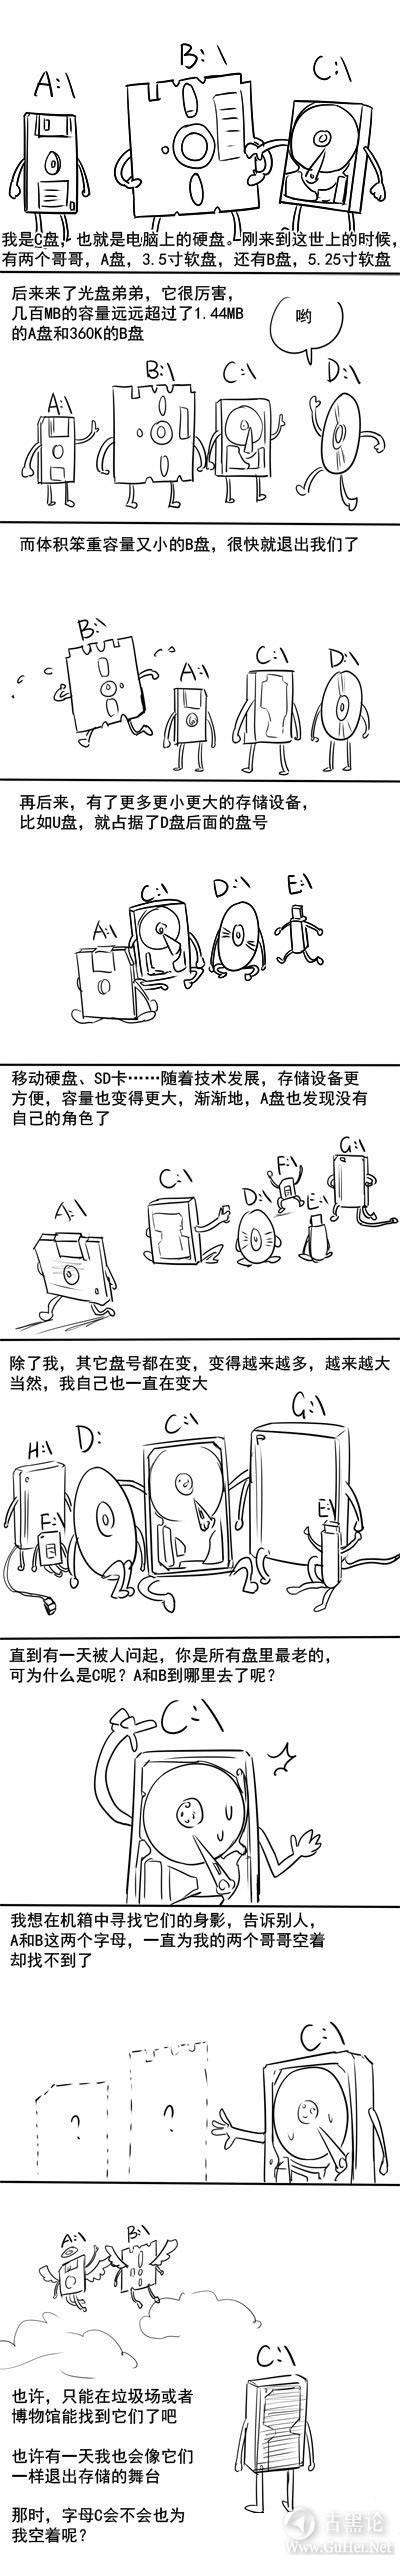 为什么电脑上没有A盘和B盘? 为什么电脑没有A、B盘.jpg